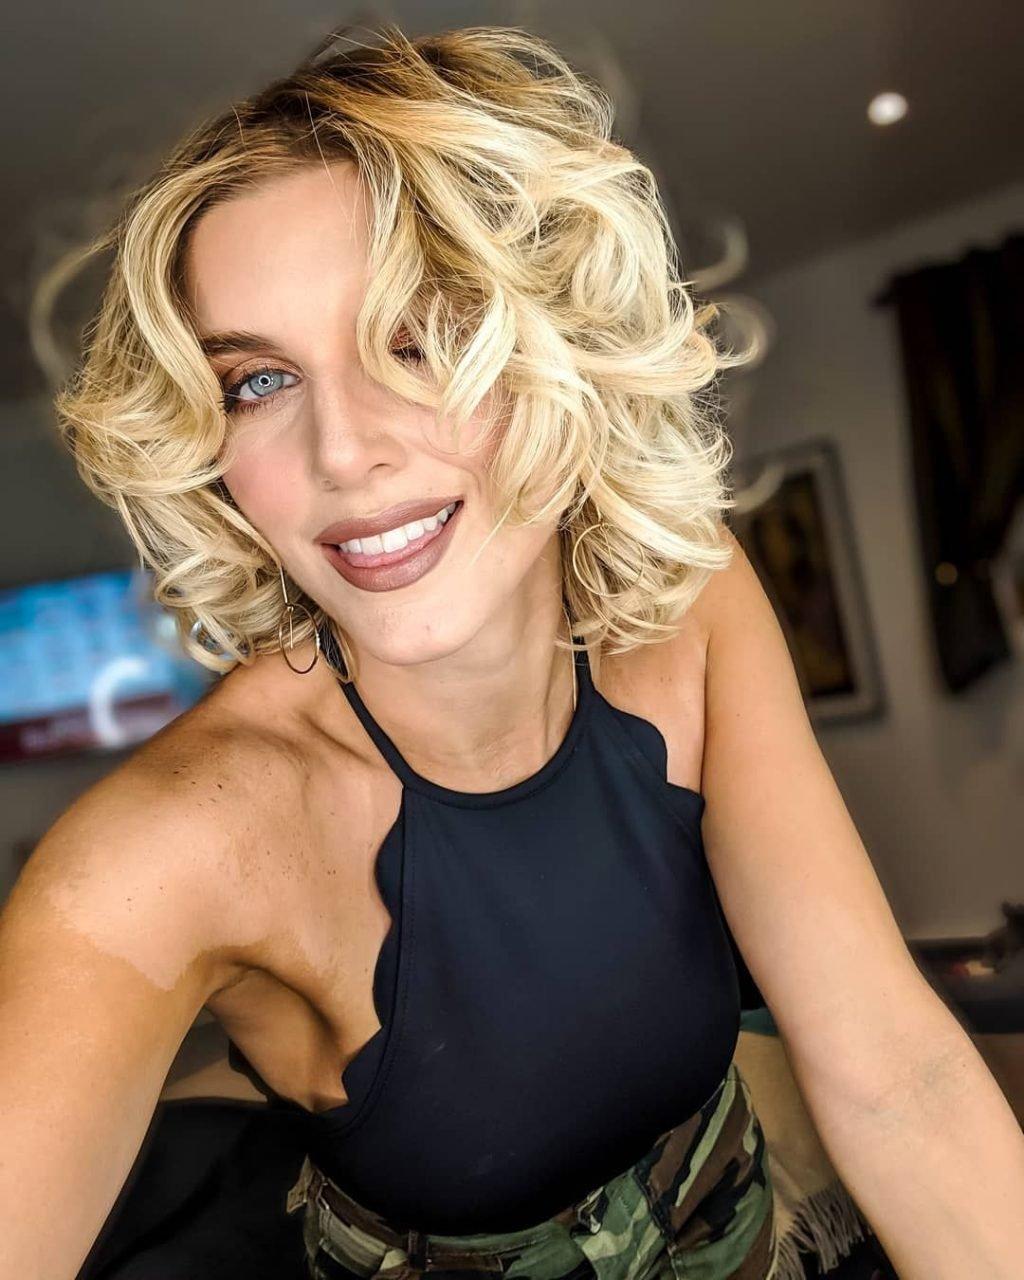 Ashley James Sexy (18 New Photos)